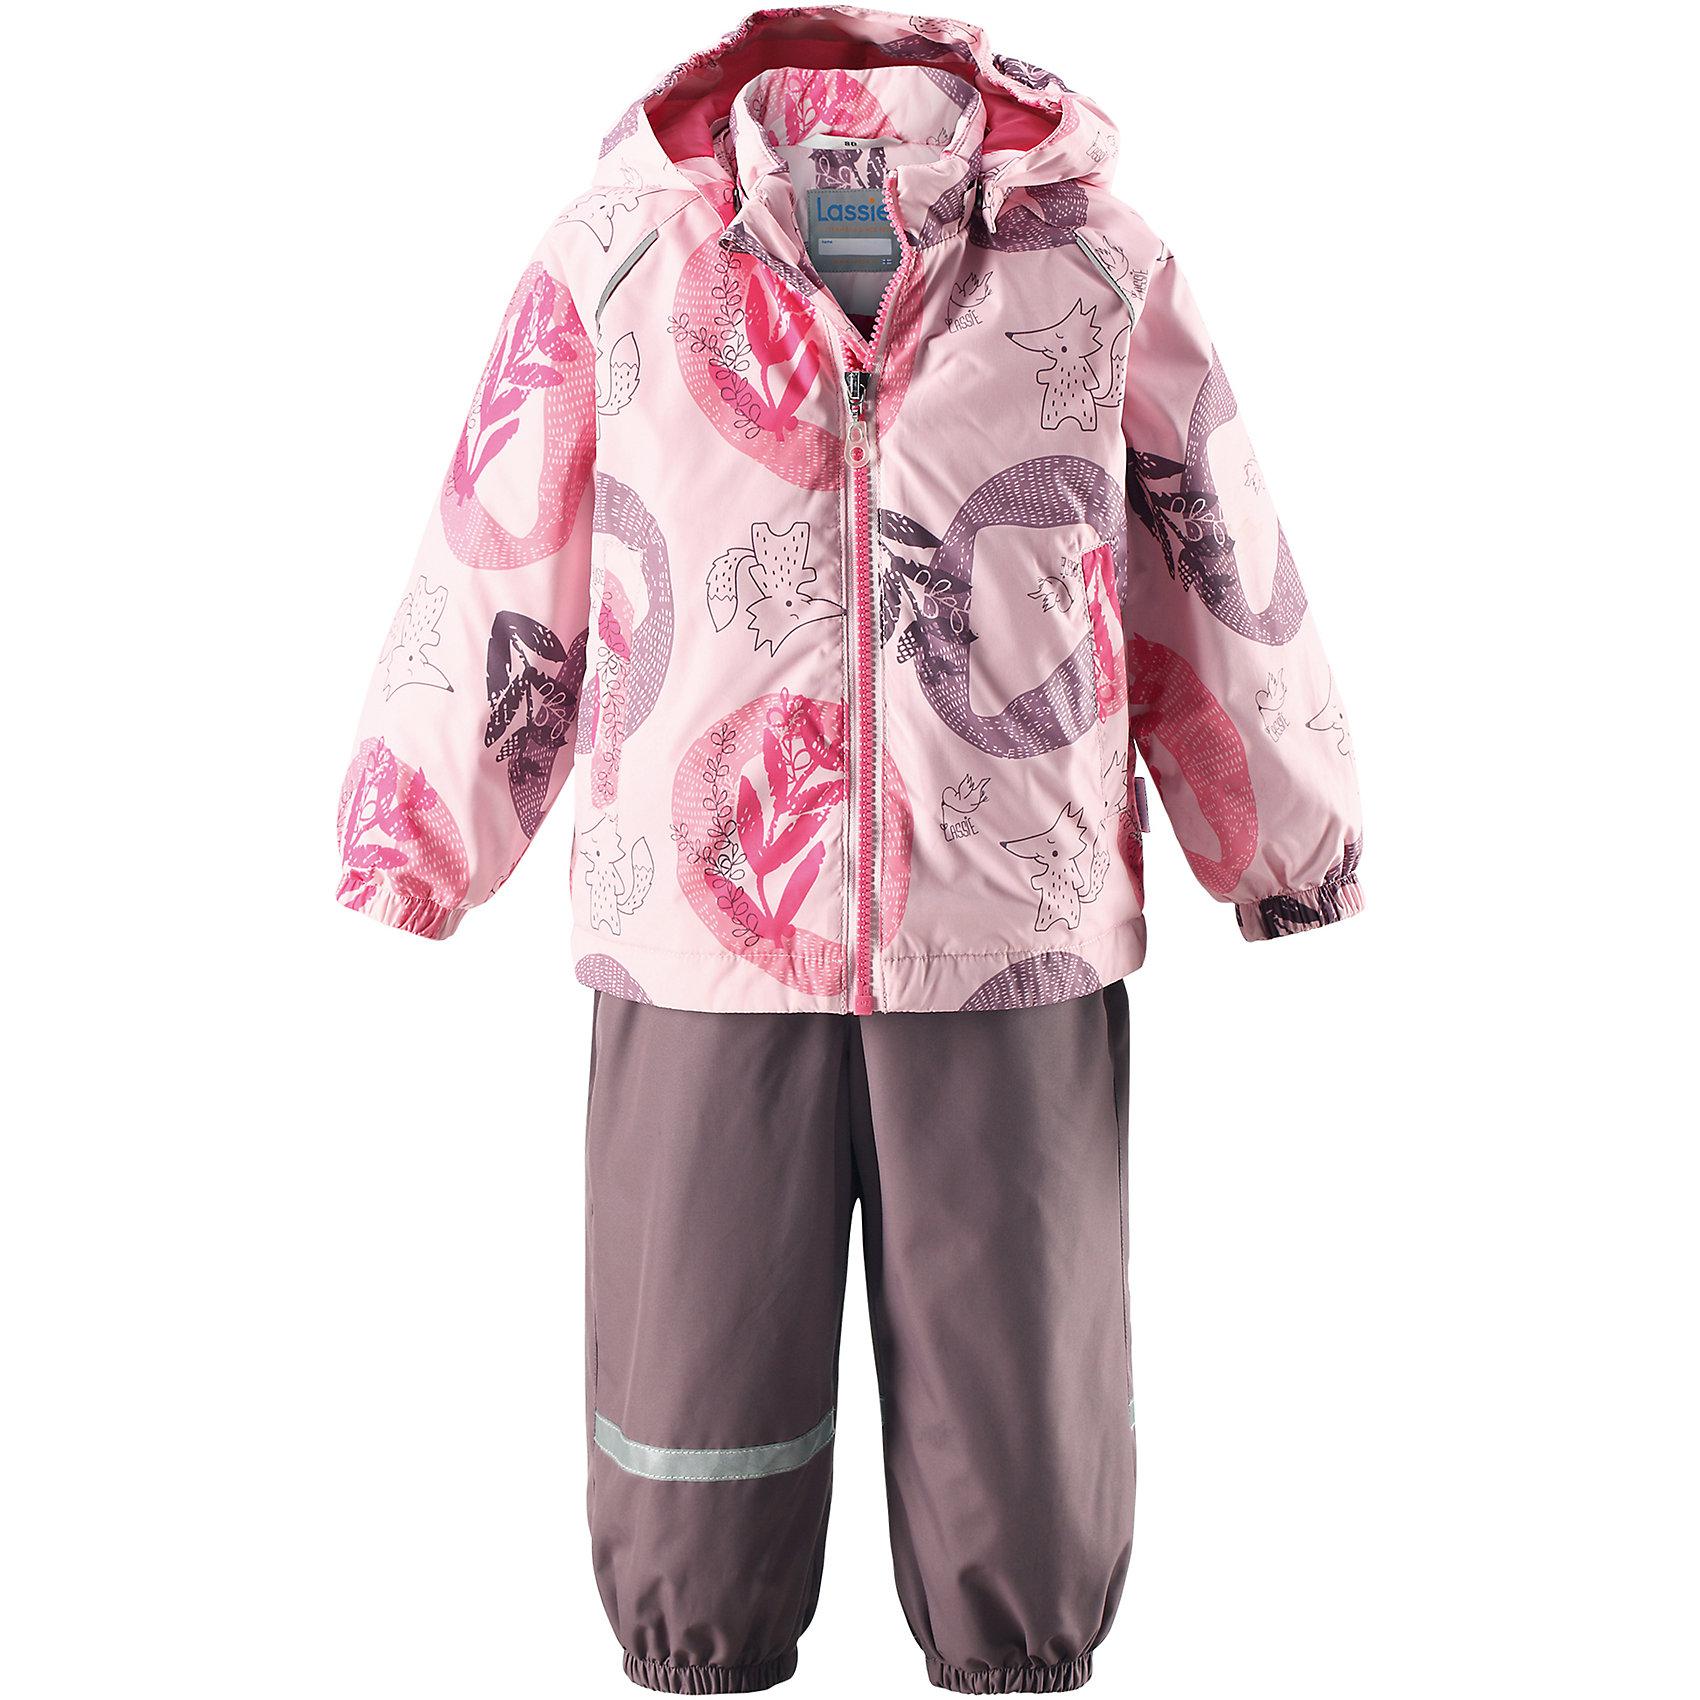 Комплект LASSIEВерхняя одежда<br>Комплект LASSIE<br>Состав:<br>100% Полиэстер, полиуретановое покрытие<br> Демисезонный комплект для самых маленьких.<br> Водоотталкивающий, ветронепроницаемый и «дышащий» материал.<br> Гладкая подкладка из полиэстра.<br> Легкая степень утепления.<br> Безопасный, съемный капюшон.<br> Эластичные манжеты.<br> Регулируемый обхват талии.<br> Эластичные штанины.<br> Съемные штрипки.<br> Два прорезных кармана.<br> Регулируемые эластичные подтяжки.<br><br>Ширина мм: 190<br>Глубина мм: 74<br>Высота мм: 229<br>Вес г: 236<br>Цвет: розовый<br>Возраст от месяцев: 6<br>Возраст до месяцев: 9<br>Пол: Женский<br>Возраст: Детский<br>Размер: 74,98,86,80,92<br>SKU: 5264824